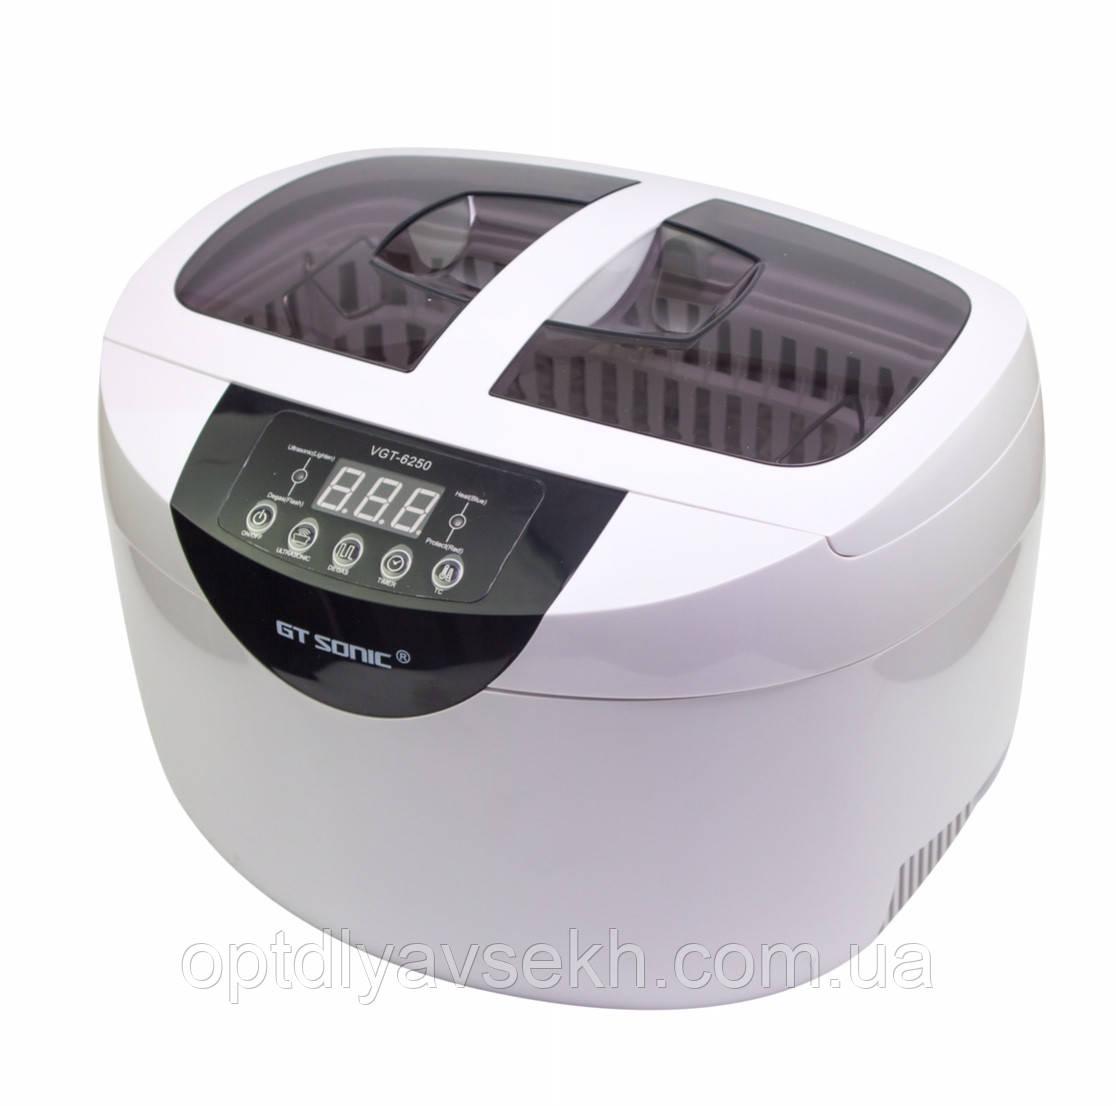 Ванна ультразвуковая VGT-6250, 2,5 л., 65 Вт.